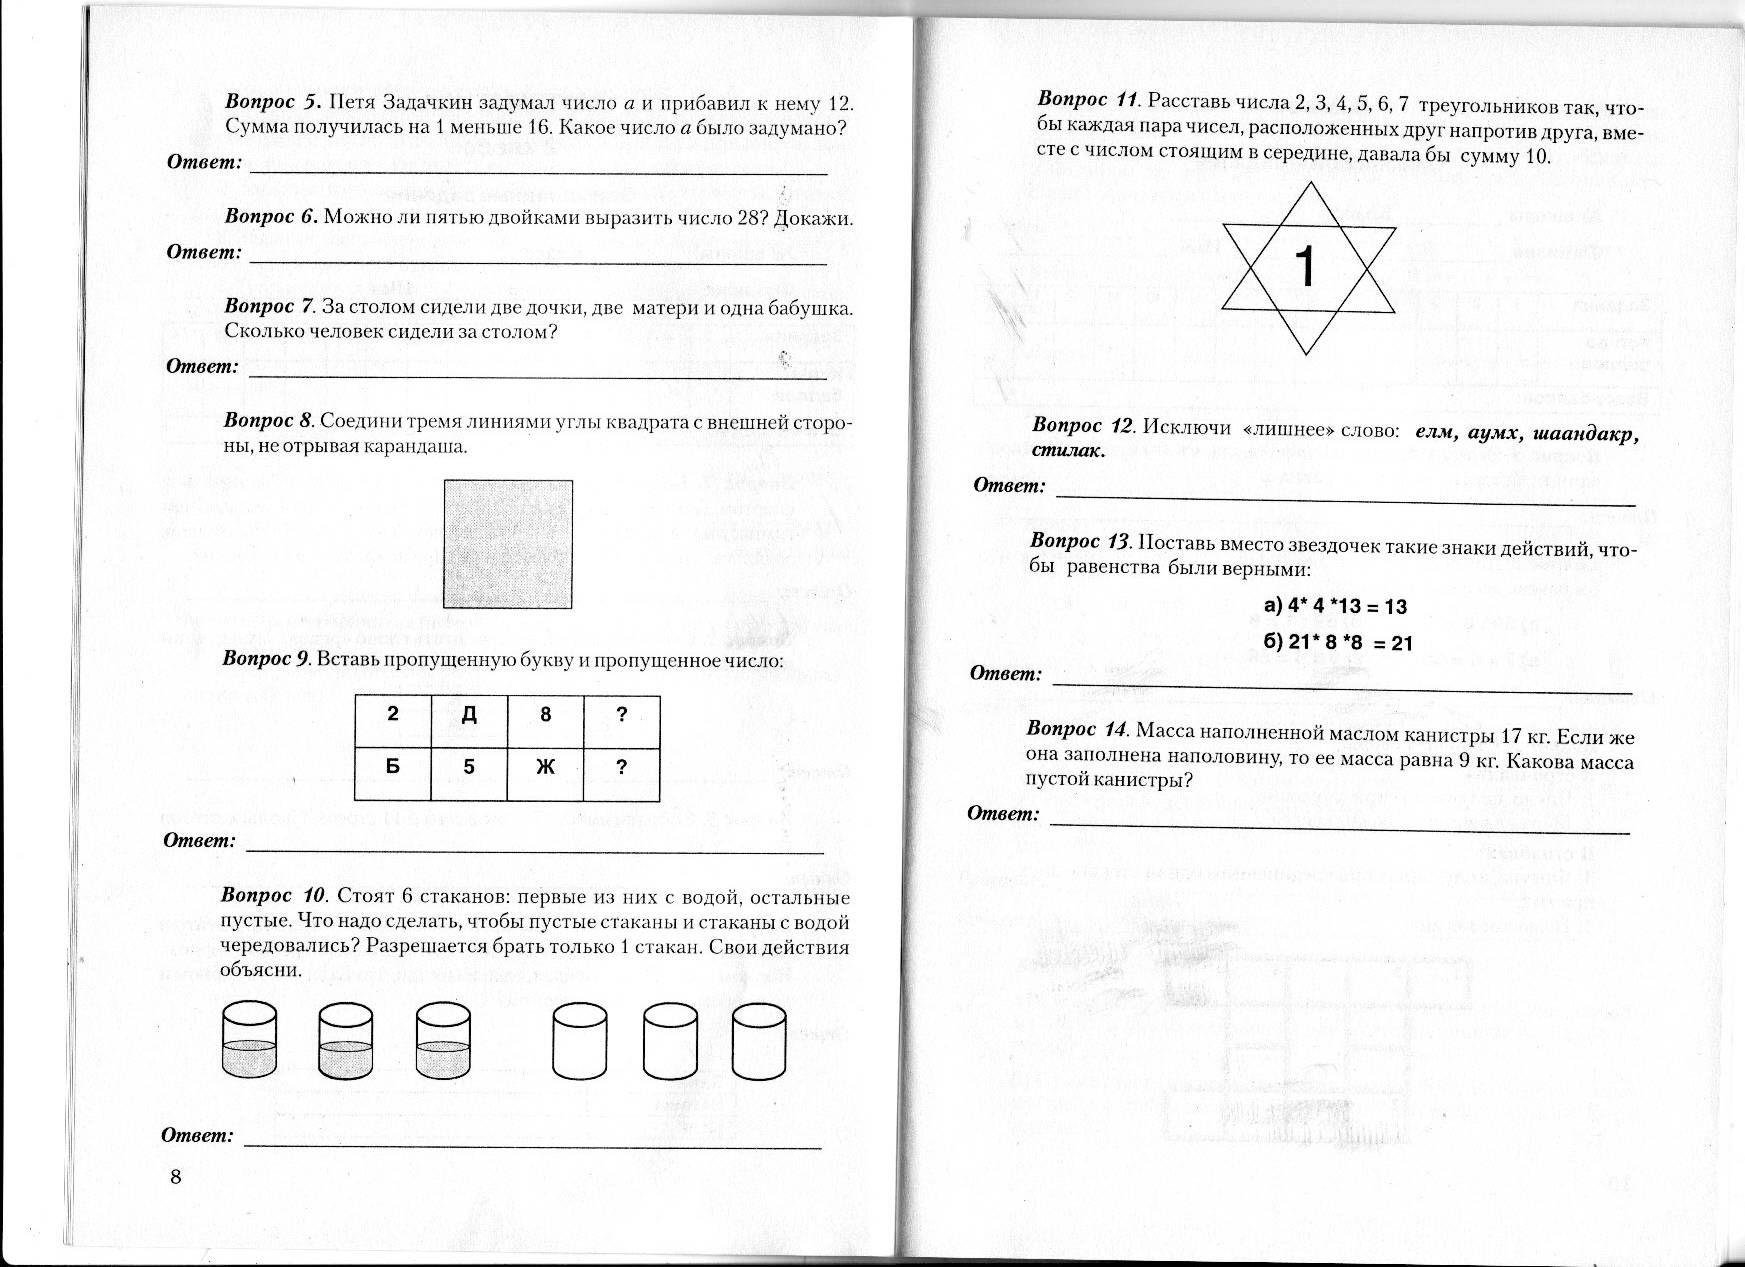 Олимпиадные задания по английскому языку 6-7 класс посмотреть